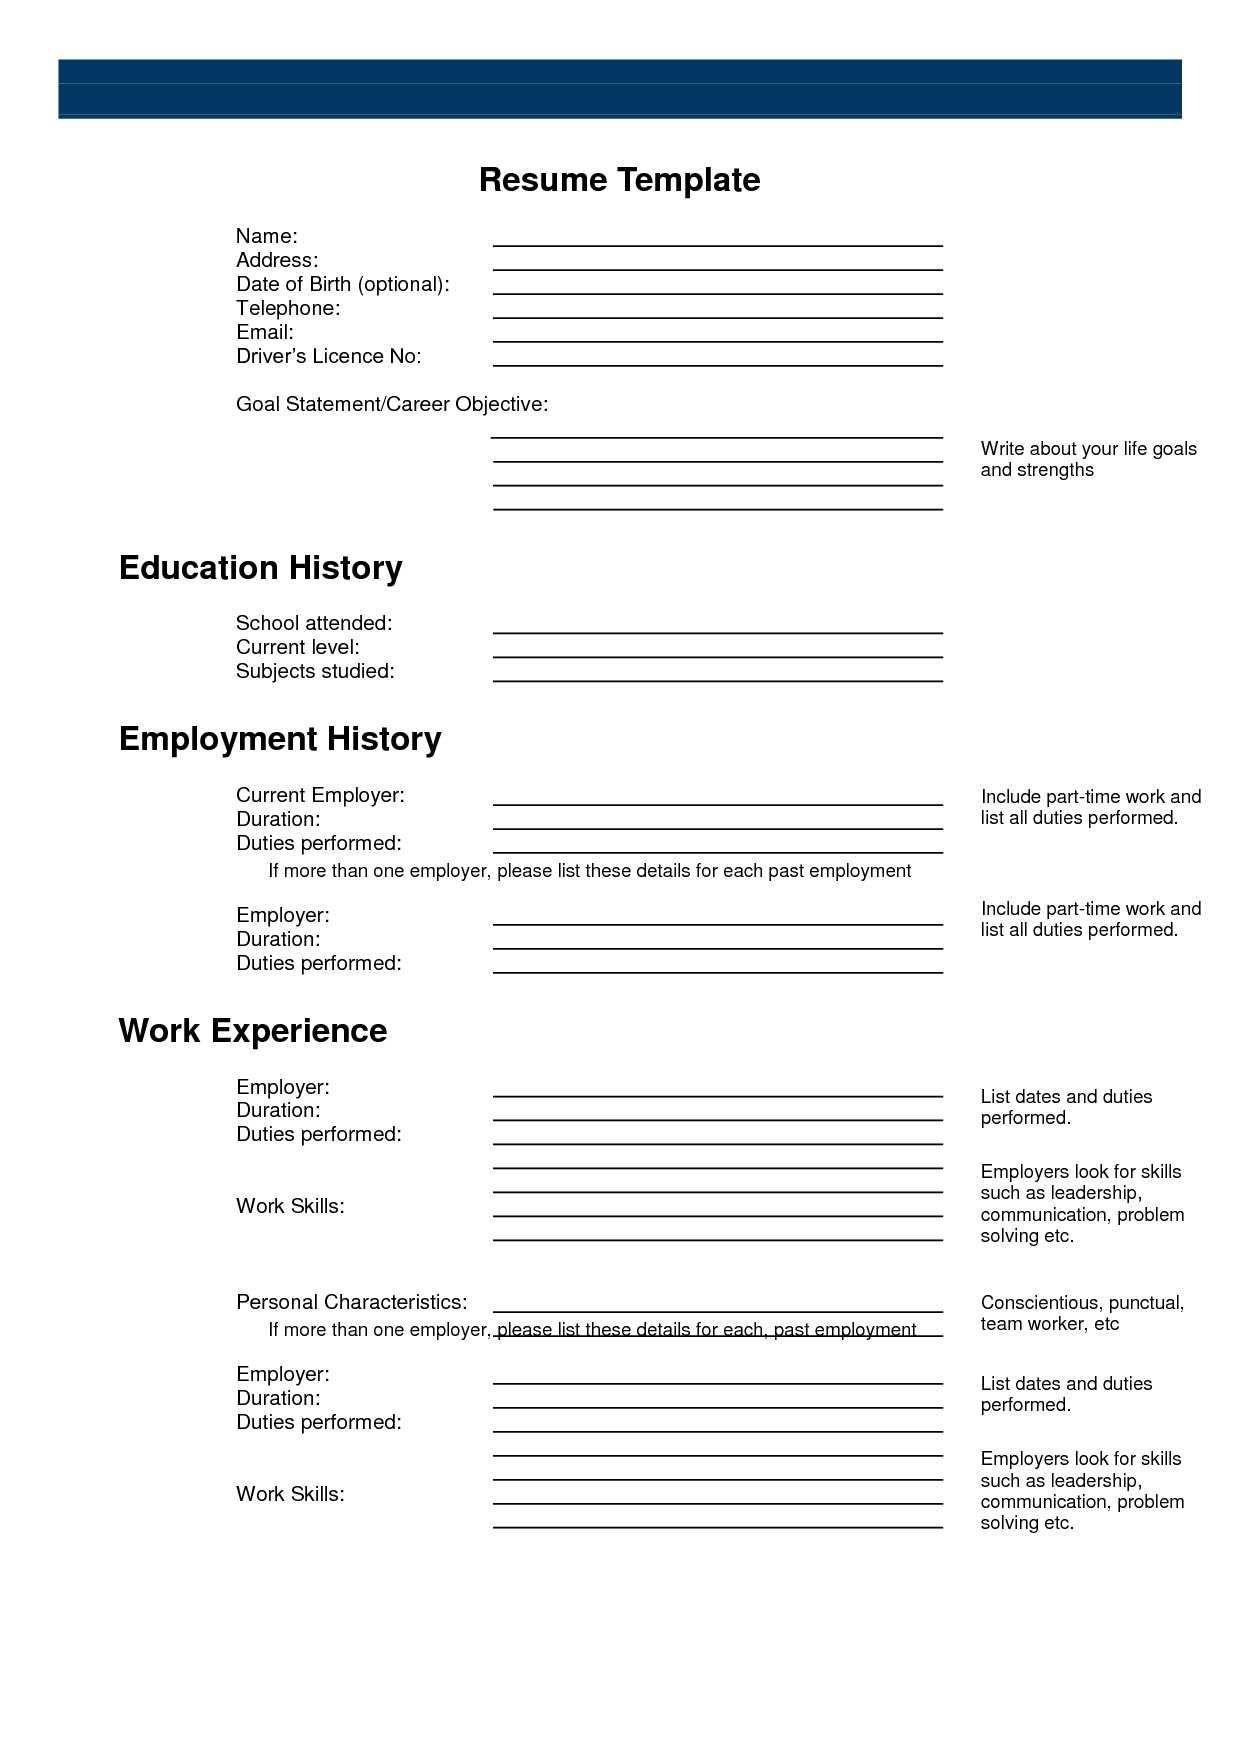 Pinanishfeds On Resumes | Free Printable Resume, Free Printable - Free Printable Blank Resume